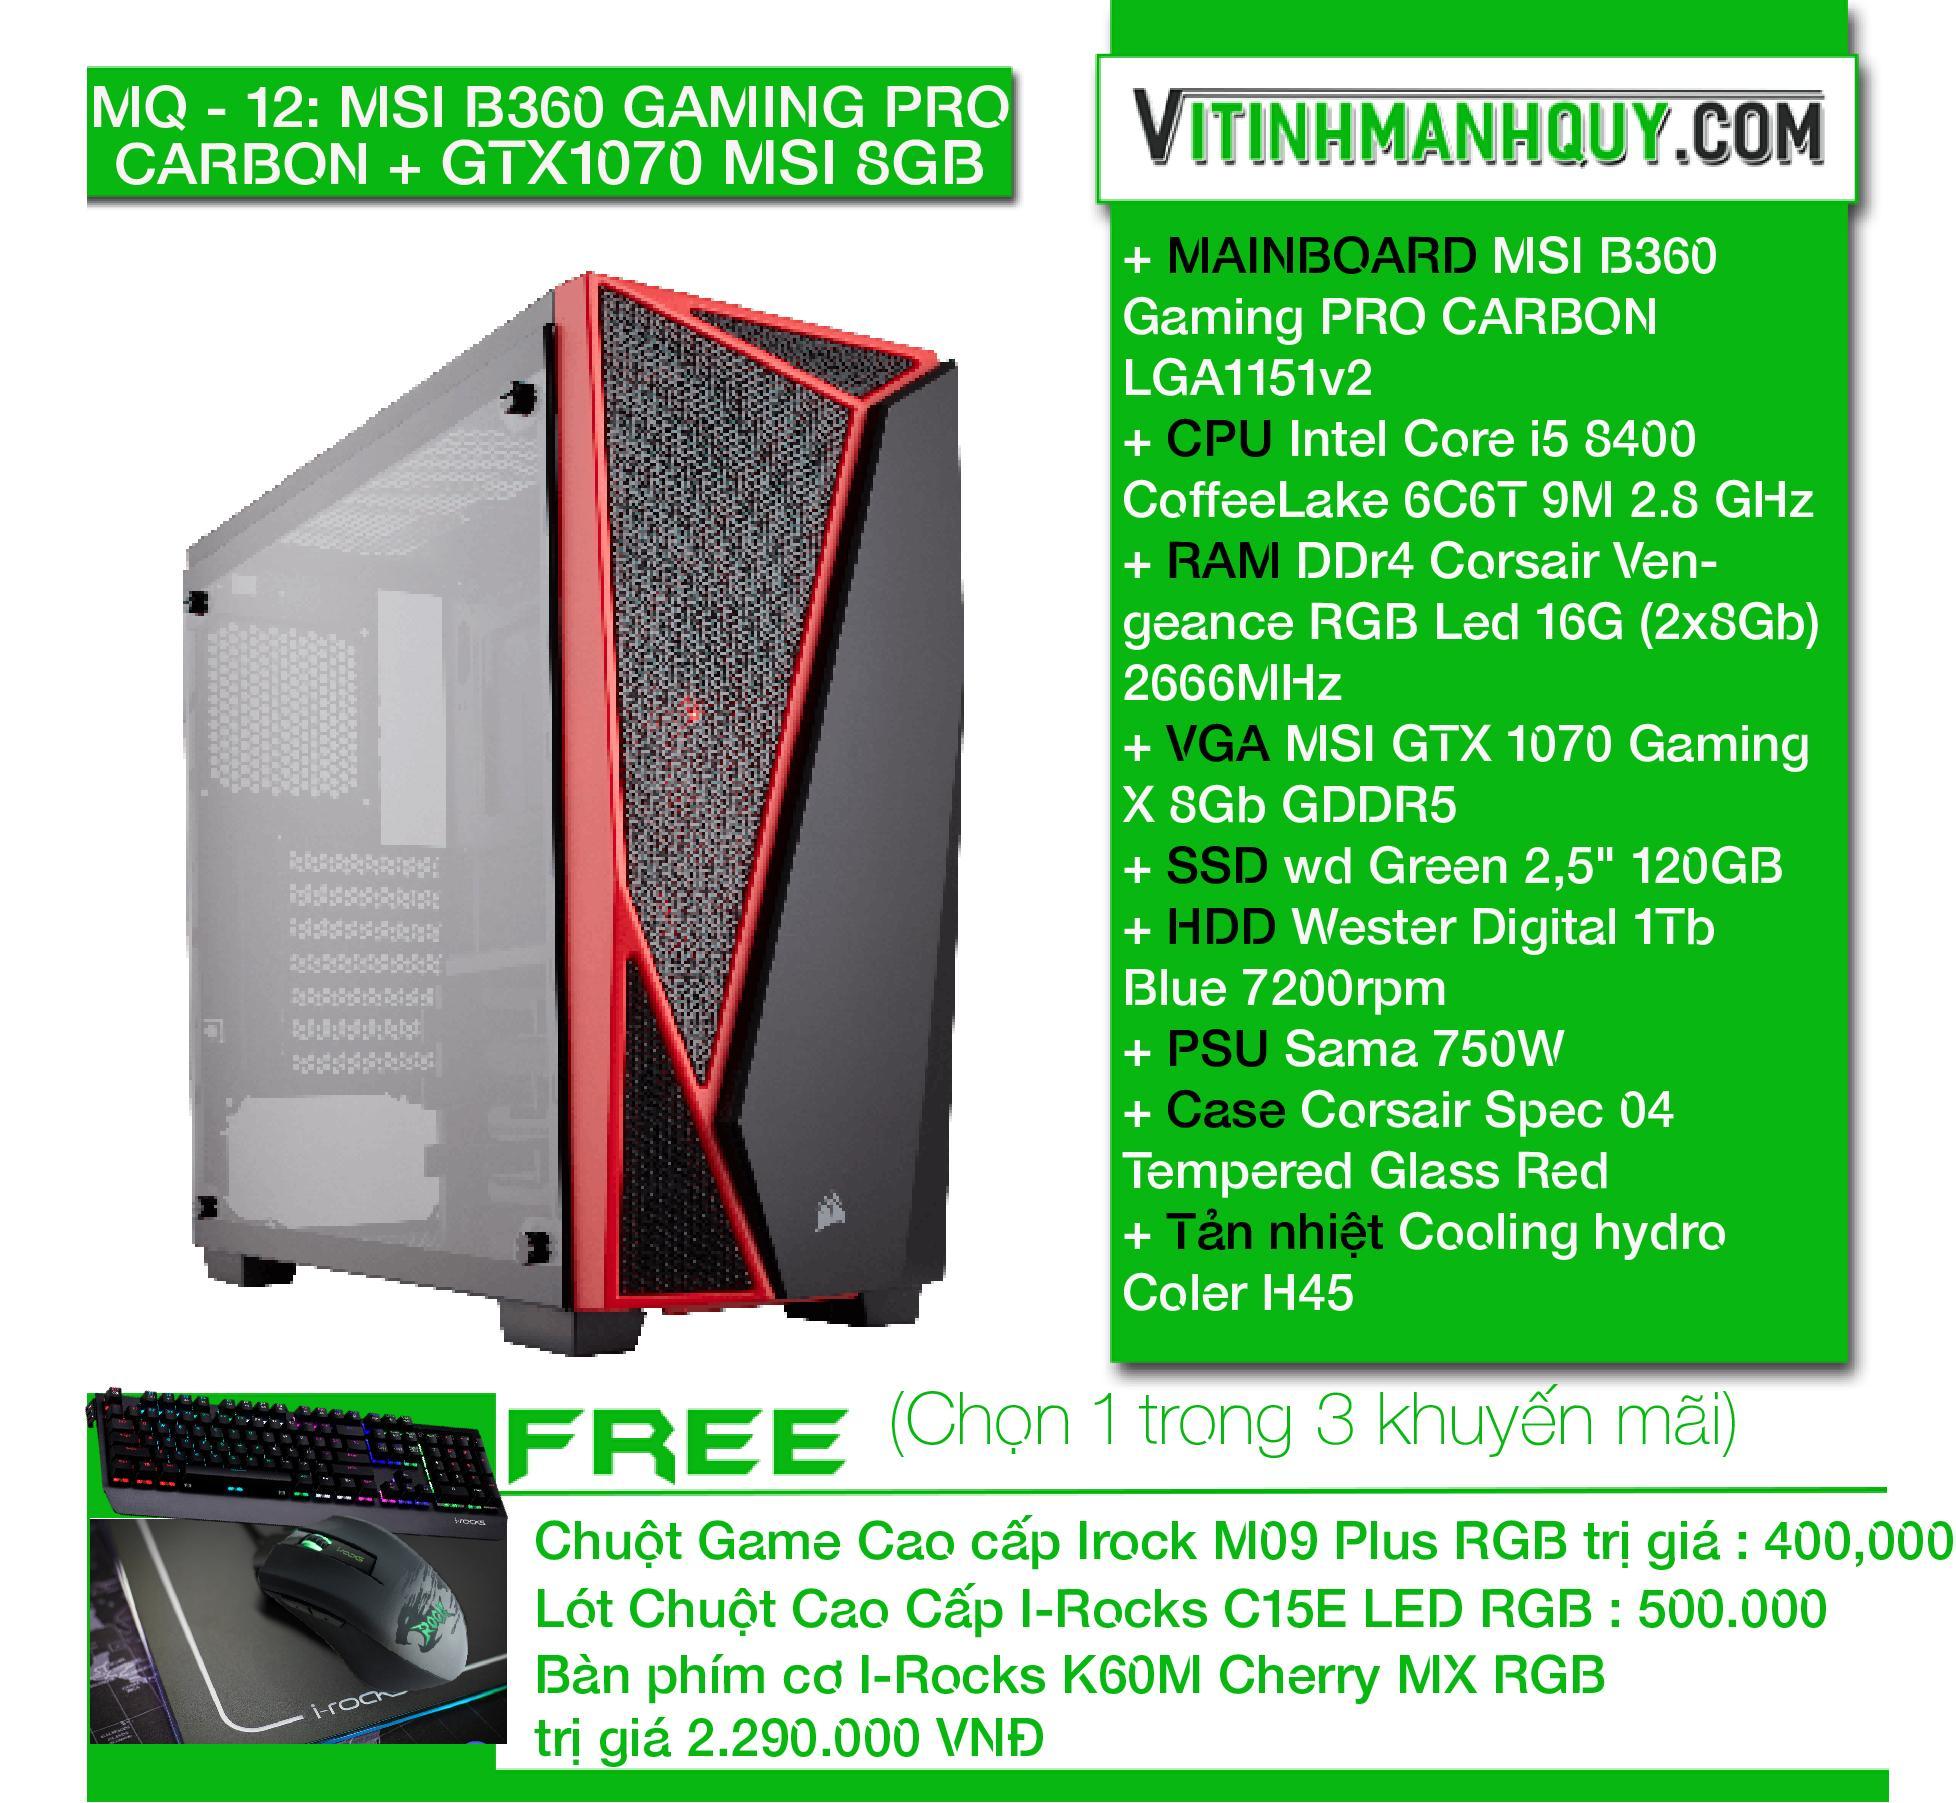 Hình ảnh MQ12MSI B360 GAMING PRO CARBON + GTX1070 MSI 8GB - may bo HIEND chuyen game - CaseCorsair Spec 04 Tempered Glass Red - Intel Core i5 8400 CoffeeLake 6C6T 9M 2.8 GHz - DDr4 Corsair Vengeance RGB Led 16G (2x8Gb) 2666MHz